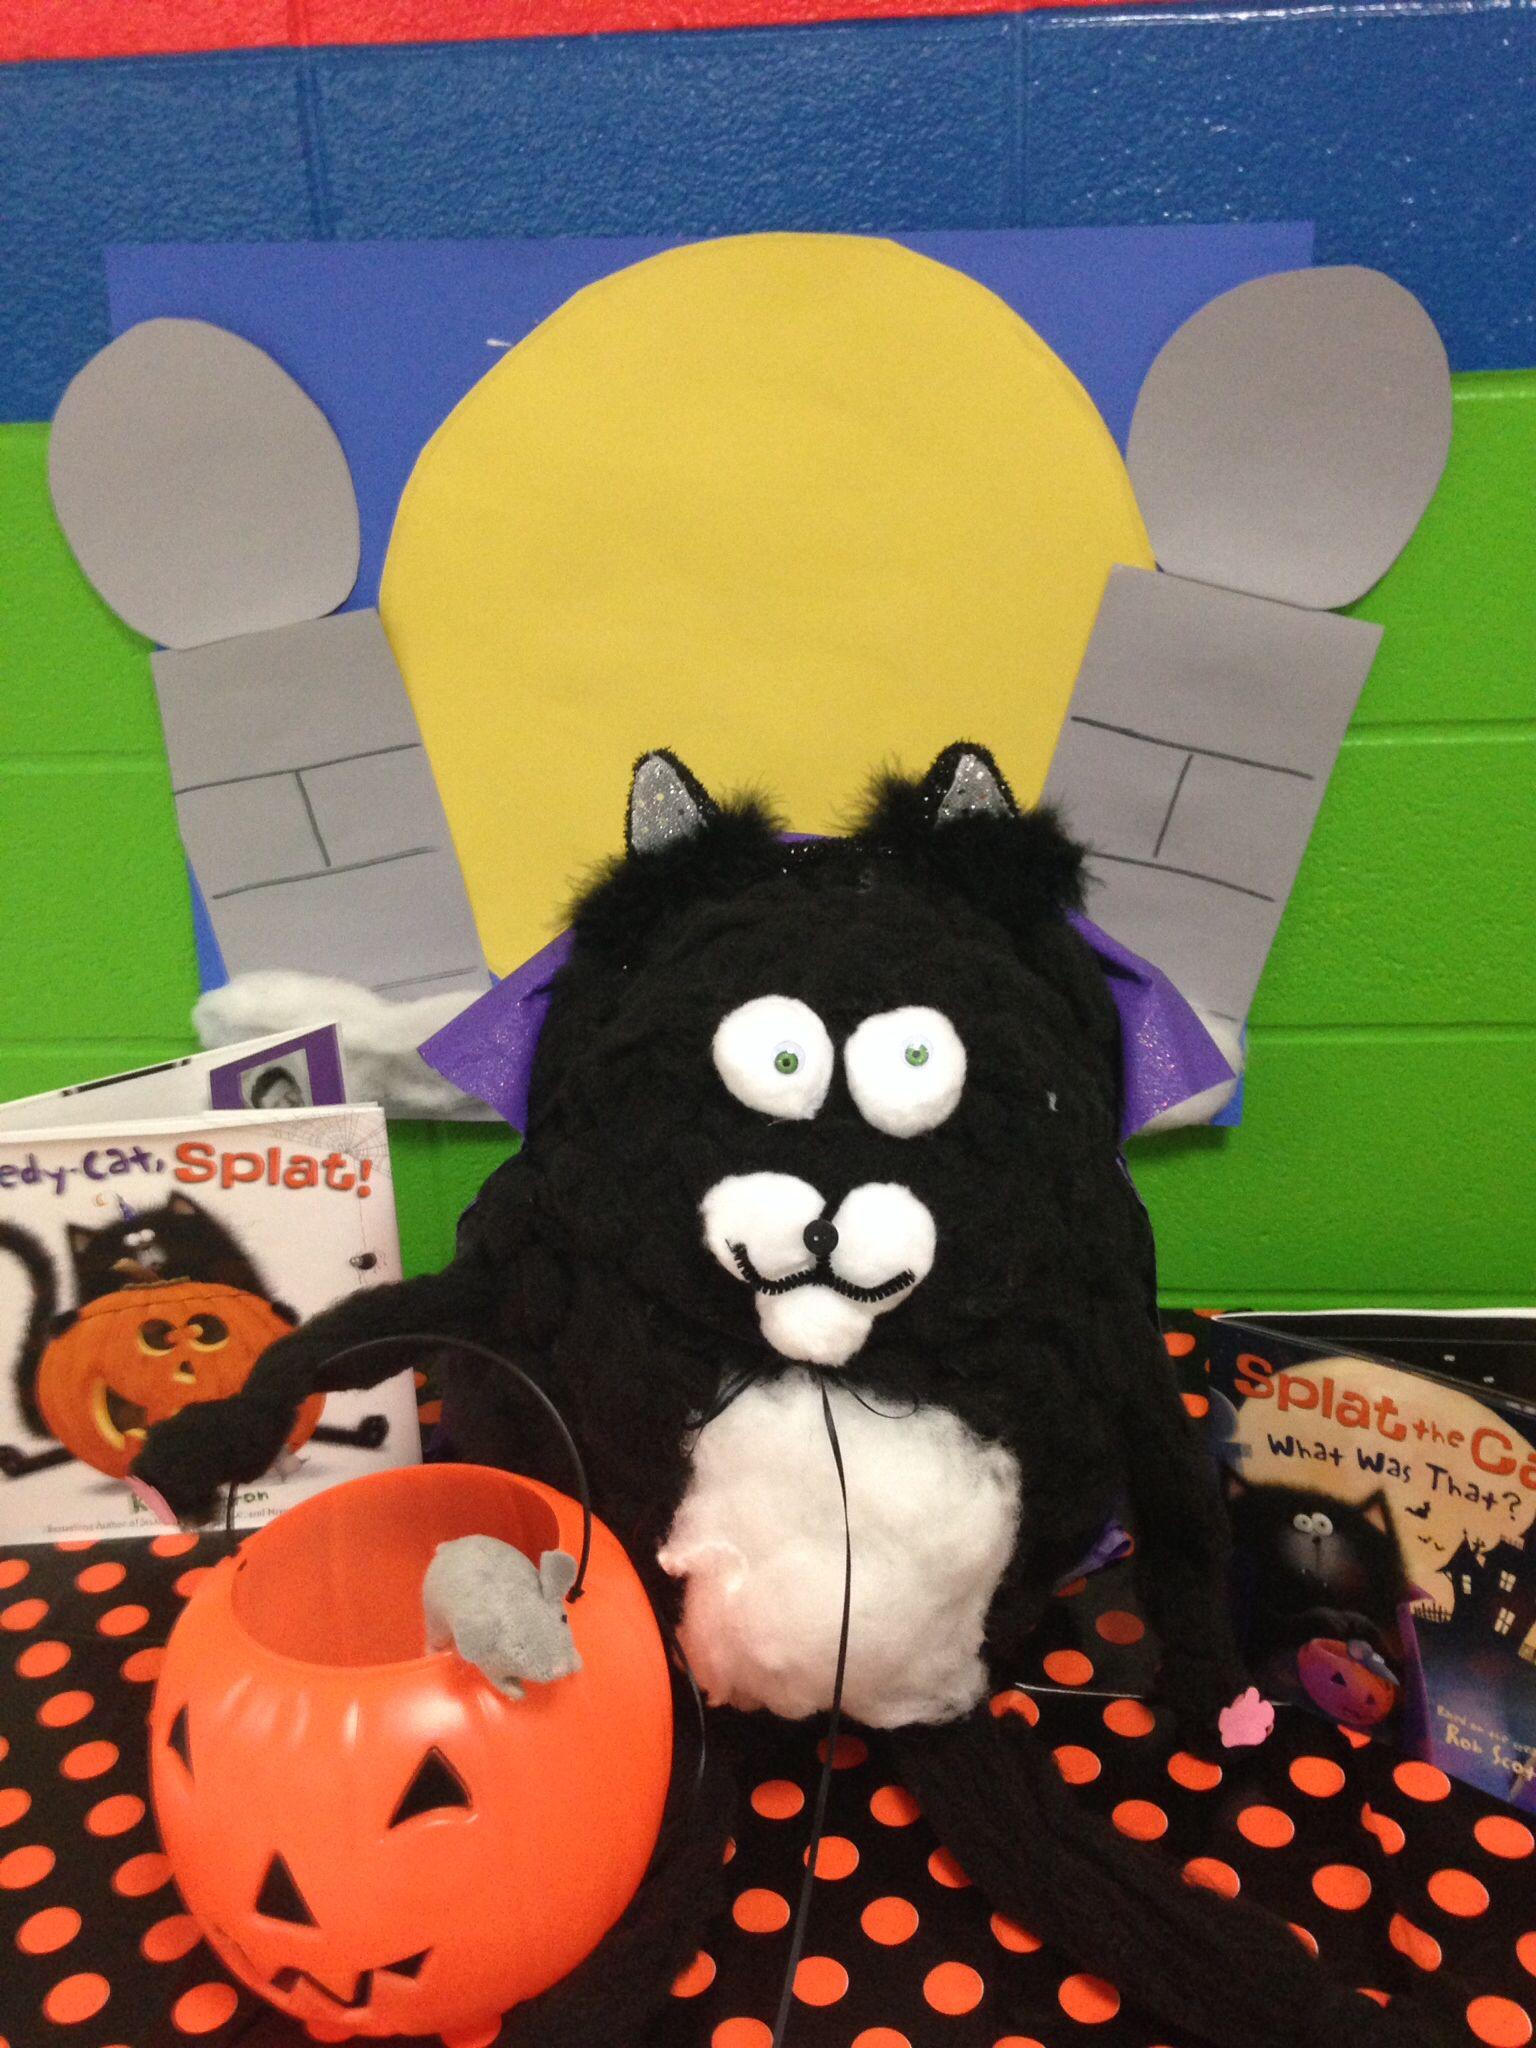 Storybook pumpkin Splat the cat Story book pumpkin